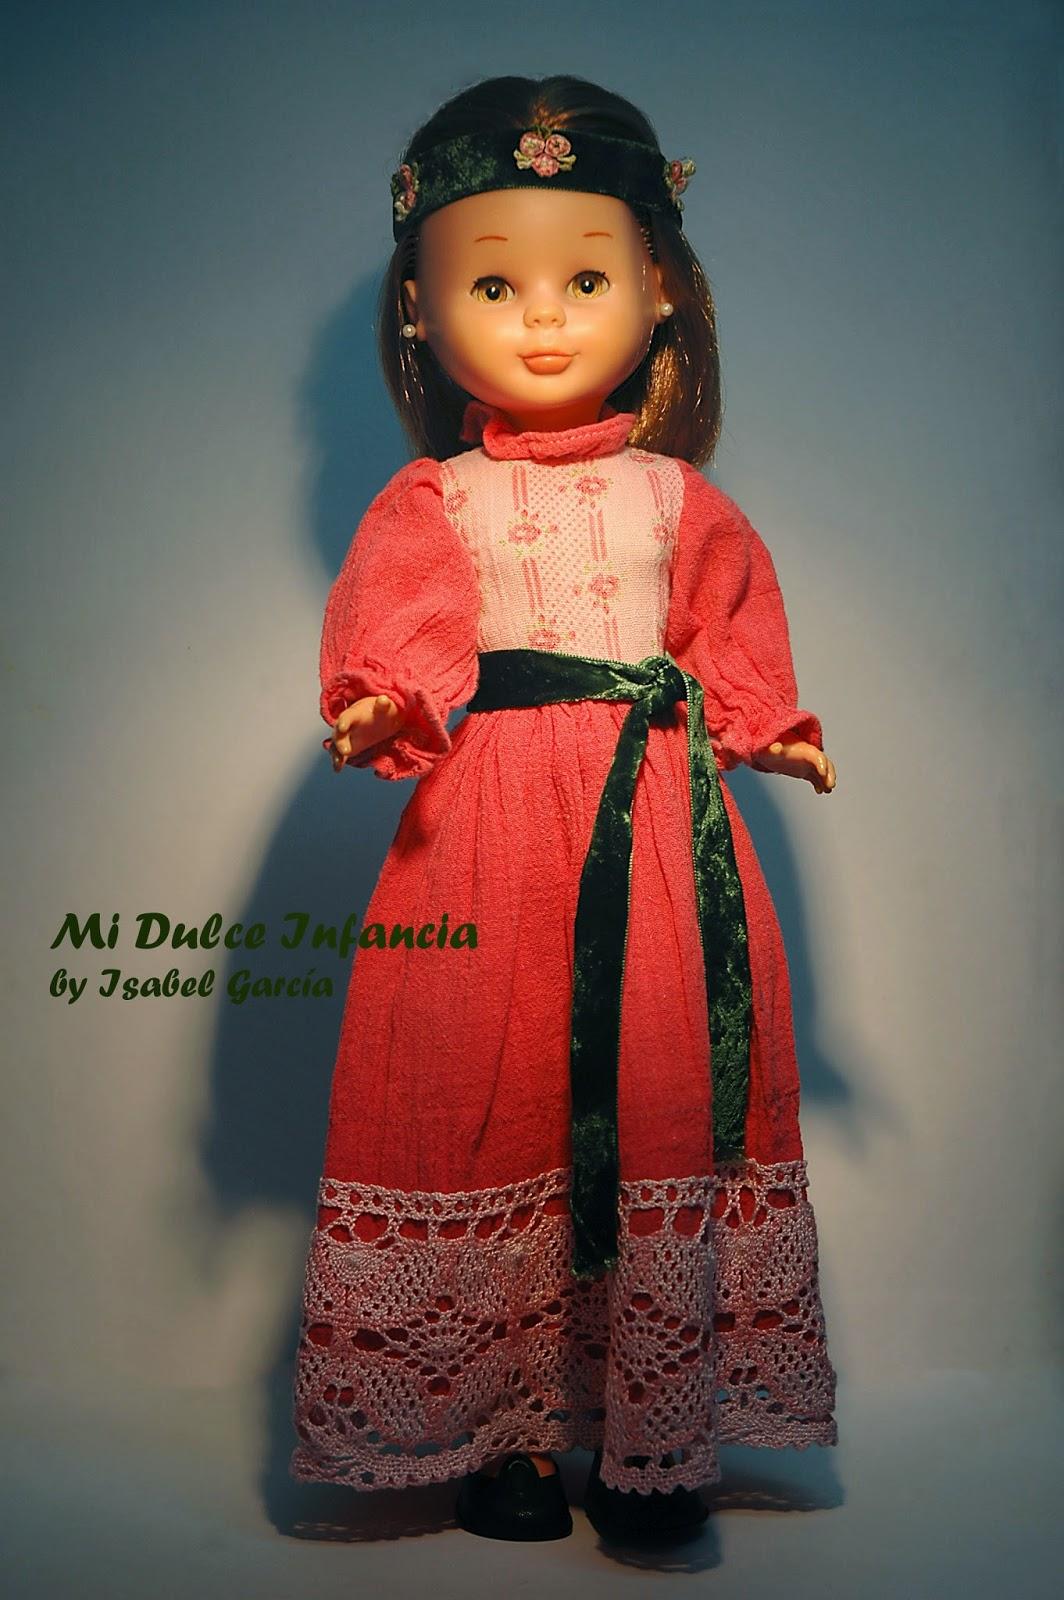 http://volviendoaladulceinfancia.blogspot.com.es/2014/06/la-nacy-de-paula.html